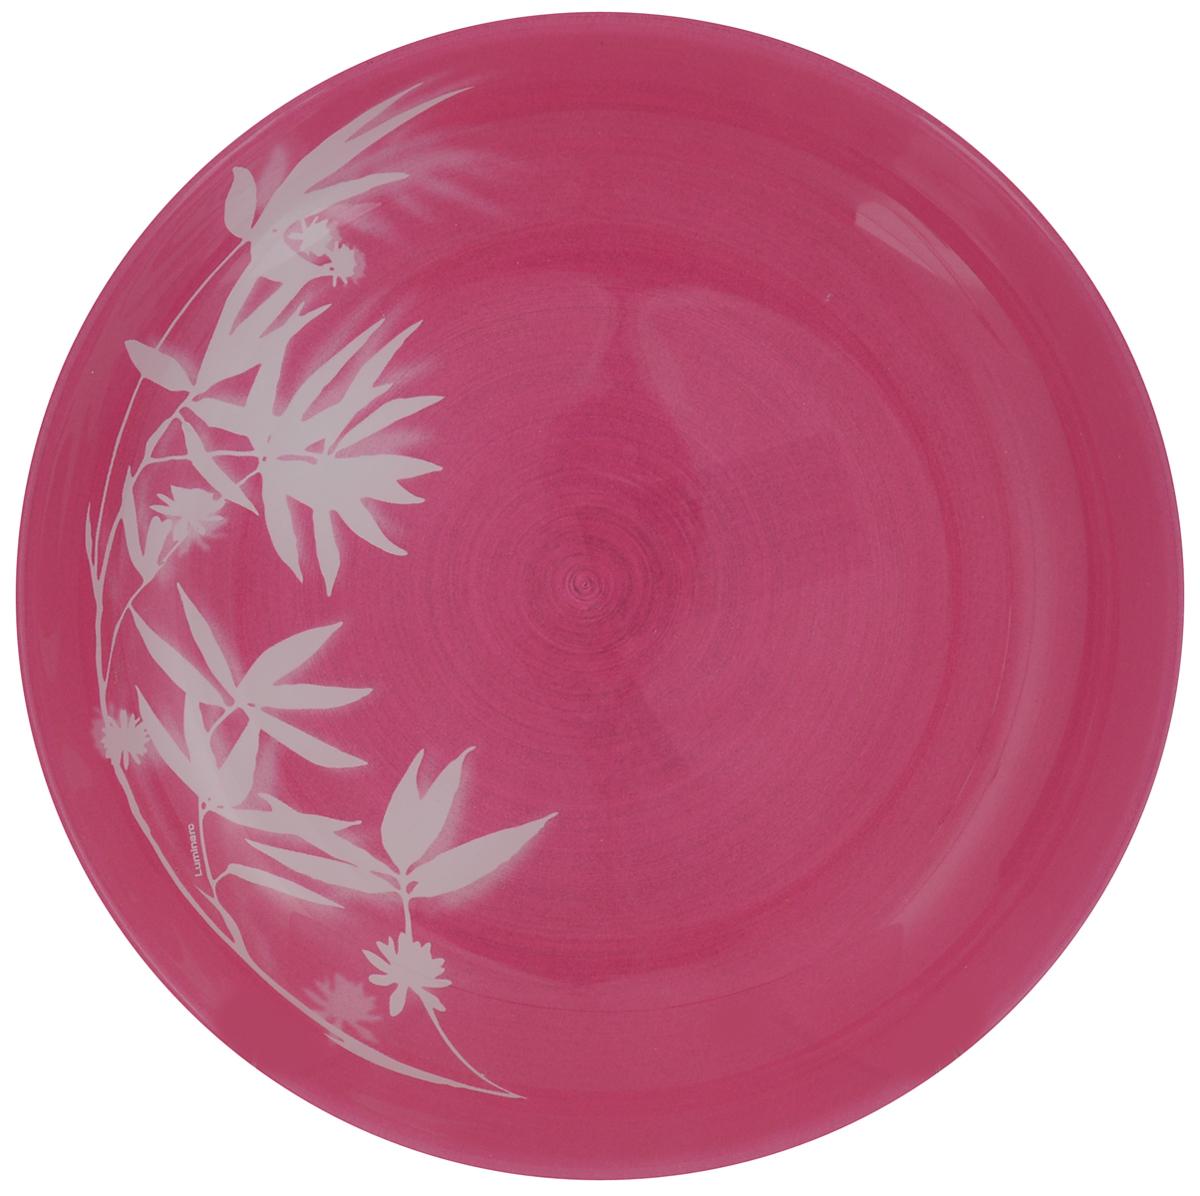 Тарелка обеденная Luminarc Darjeeling Pink, диаметр 20 смJ7808Обеденная тарелка Luminarc Darjeeling Pink, изготовленная из высококачественного стекла, имеет изысканный внешний вид. Яркий дизайн придется по вкусу и ценителям классики, и тем, кто предпочитает утонченность. Тарелка Luminarc Darjeeling Pink идеально подойдет для сервировки стола и станет отличным подарком к любому празднику.Диаметр (по верхнему краю): 20 см.